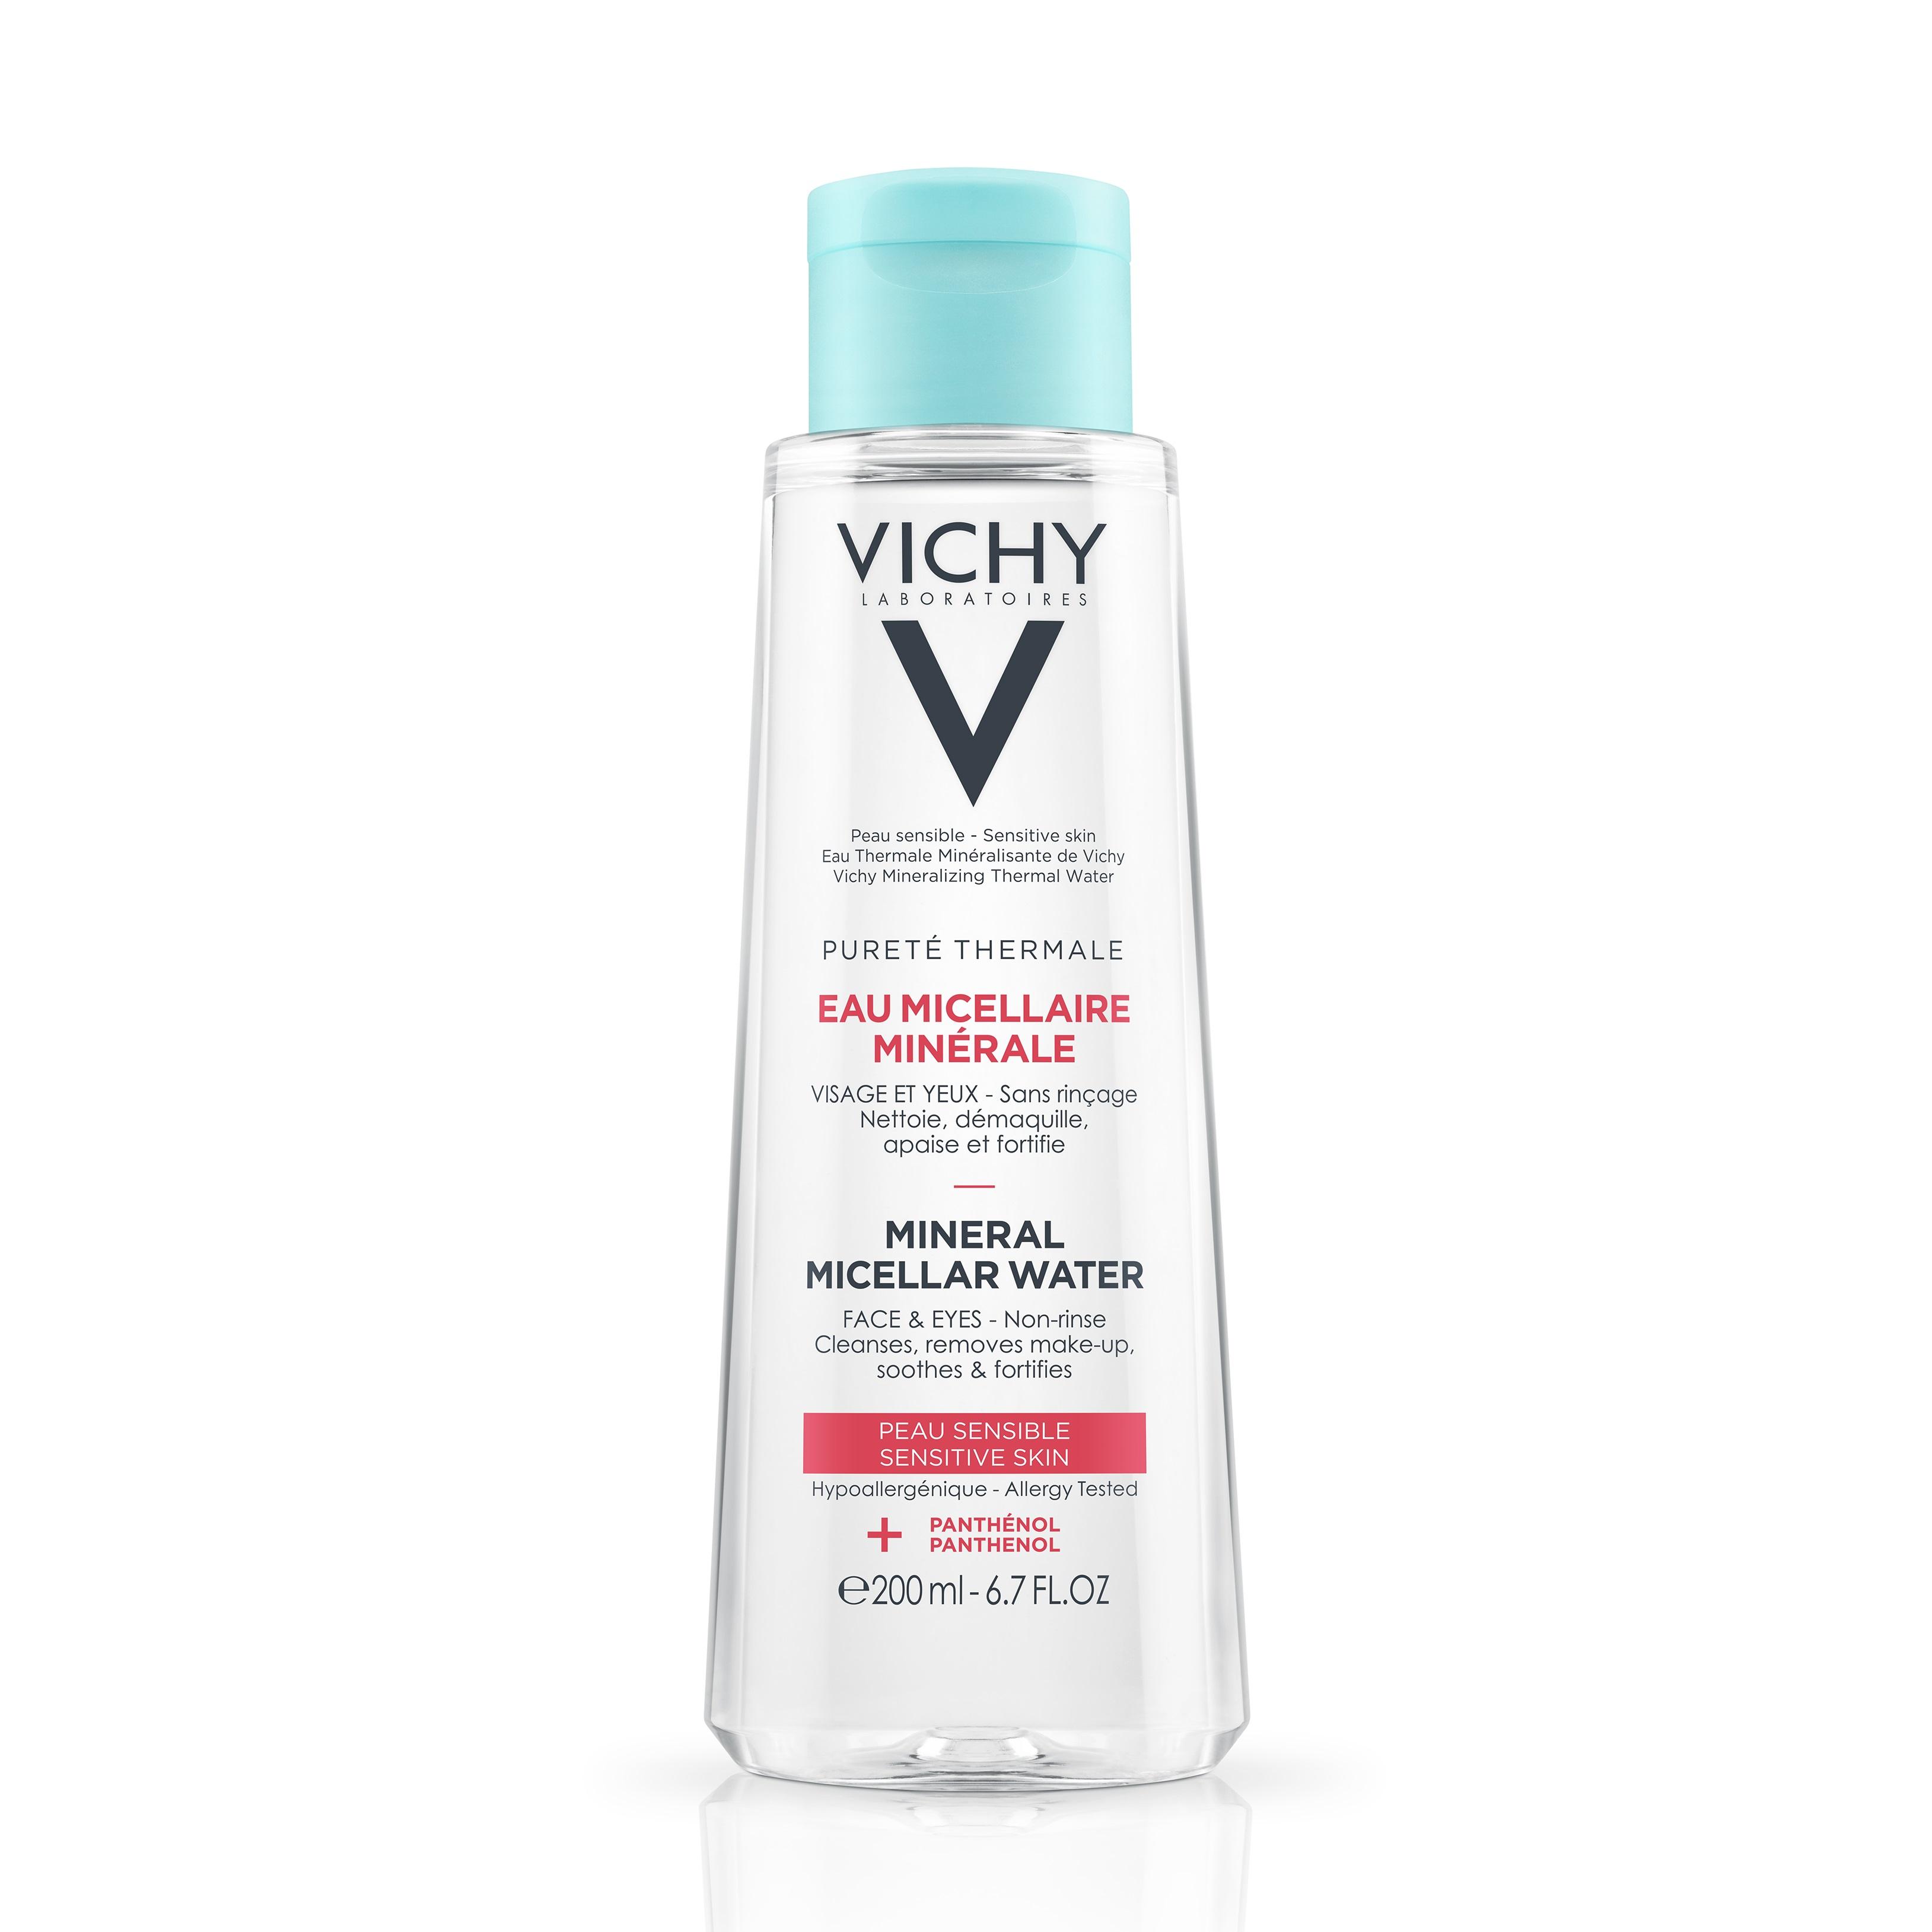 Apă micelară pentru piele sensibilă Puerte Thermale, 200 ml, Vichy